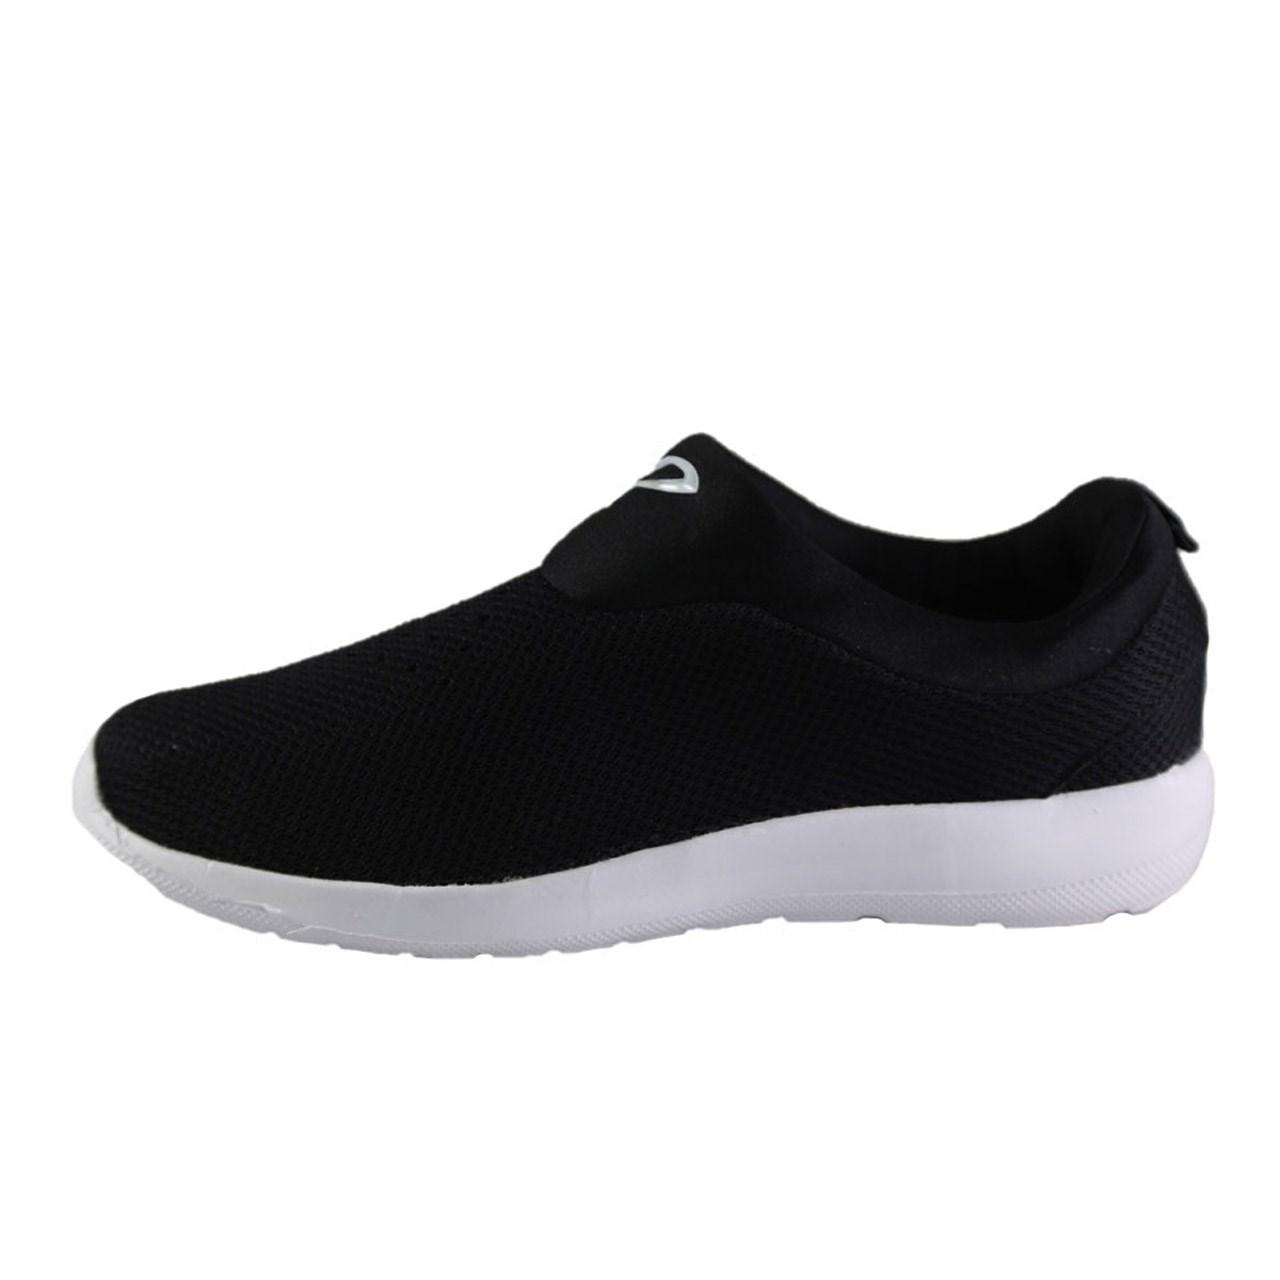 کفش راحتی مردانه پاما مدل Pama P 585